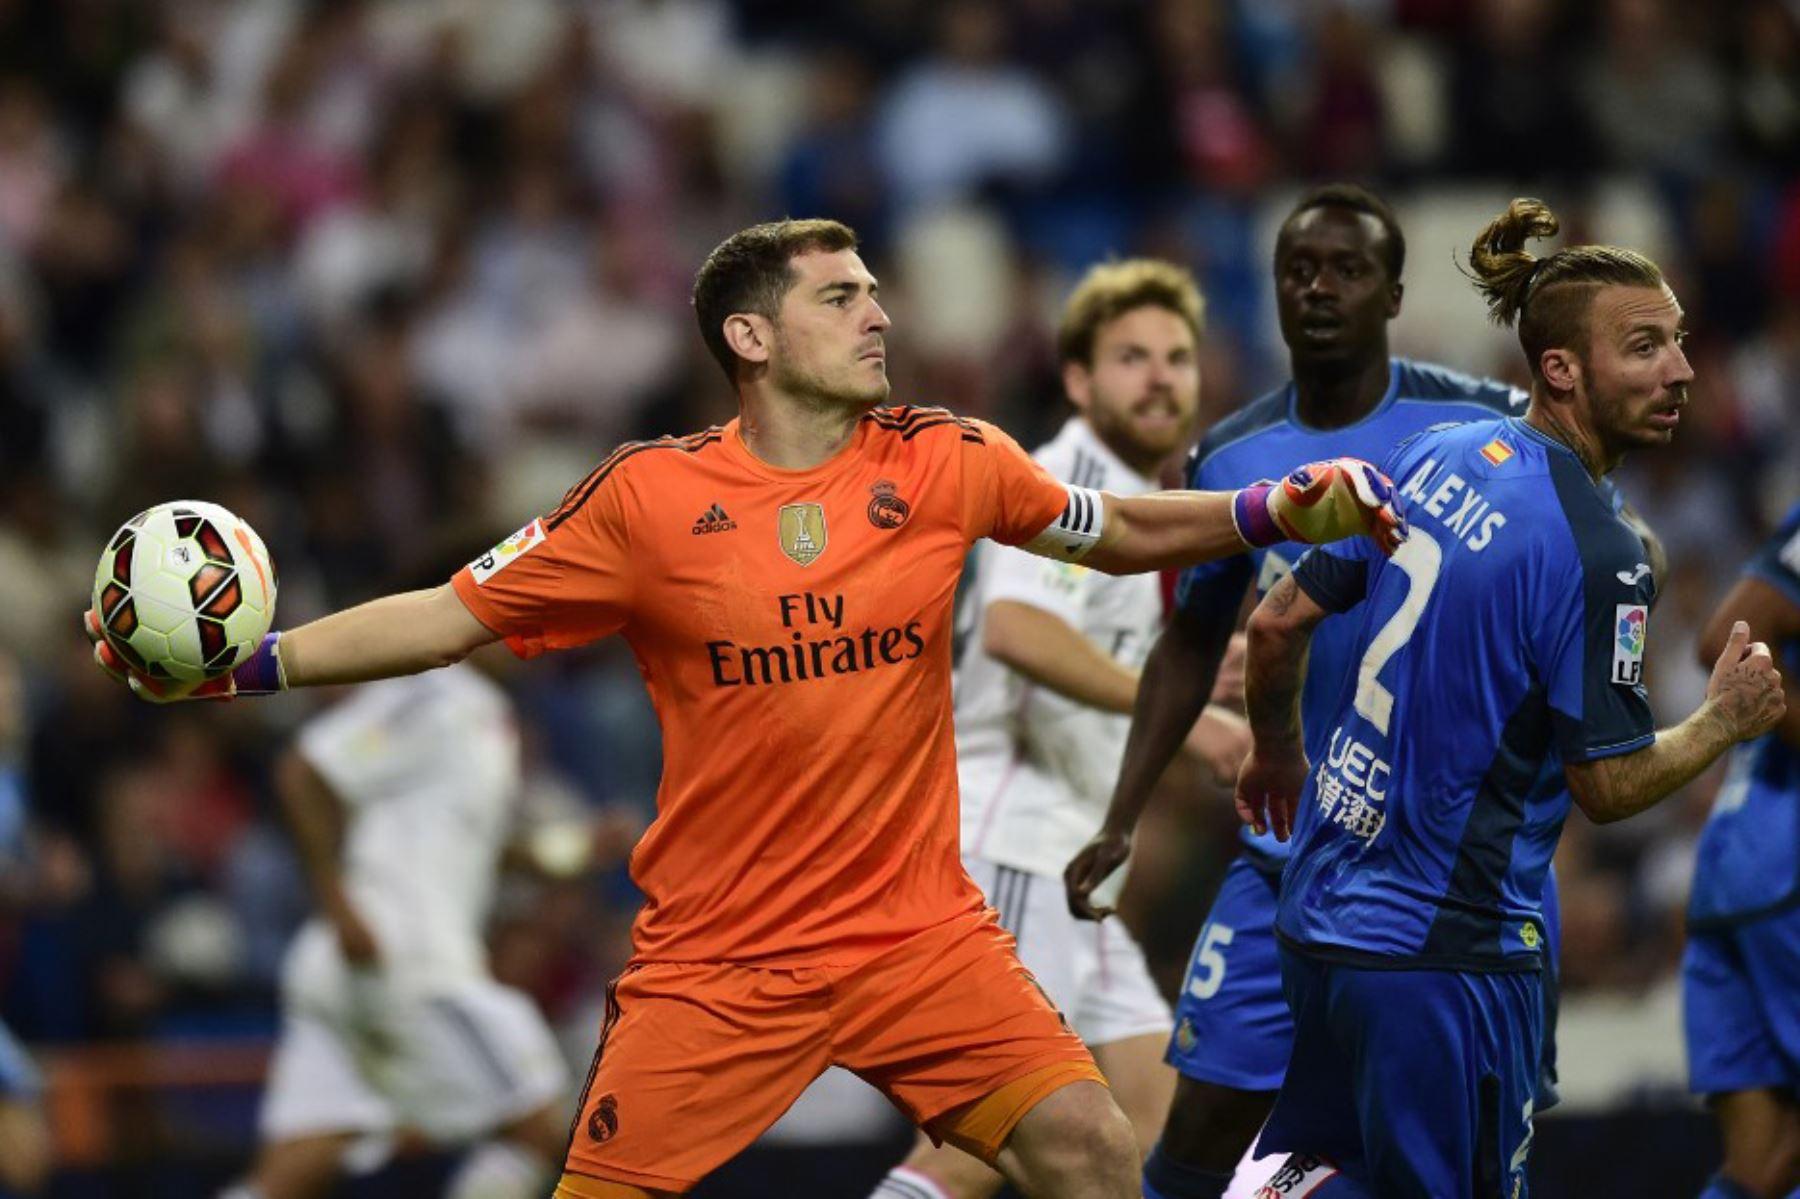 El portero del Real Madrid, Iker Casillas, lanza el balón durante el partido de fútbol de la liga española Real Madrid CF vs Getafe CF en el estadio Santiago Bernabeu en Madrid. Foto: AFP